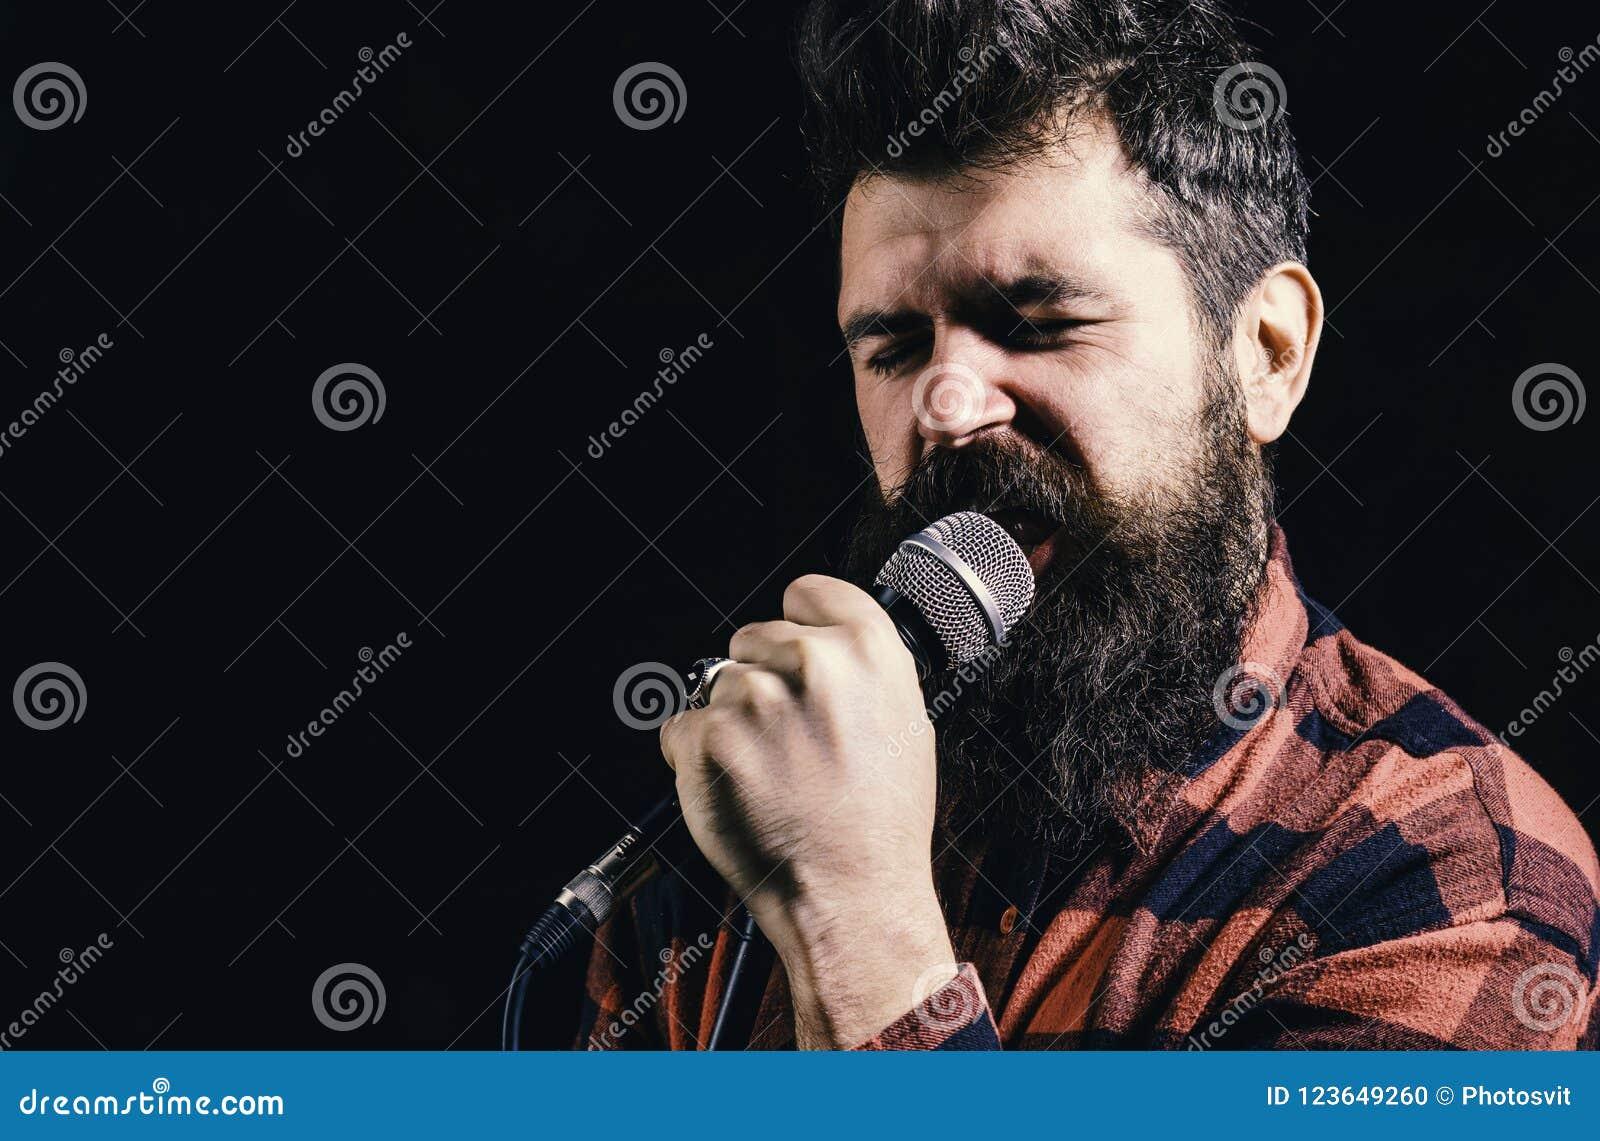 Musiker, Sänger unternimmt Anstrengung, musikalisches Wettbewerb Talent-Showkonzept zu gewinnen Mann mit angespanntem Gesicht häl